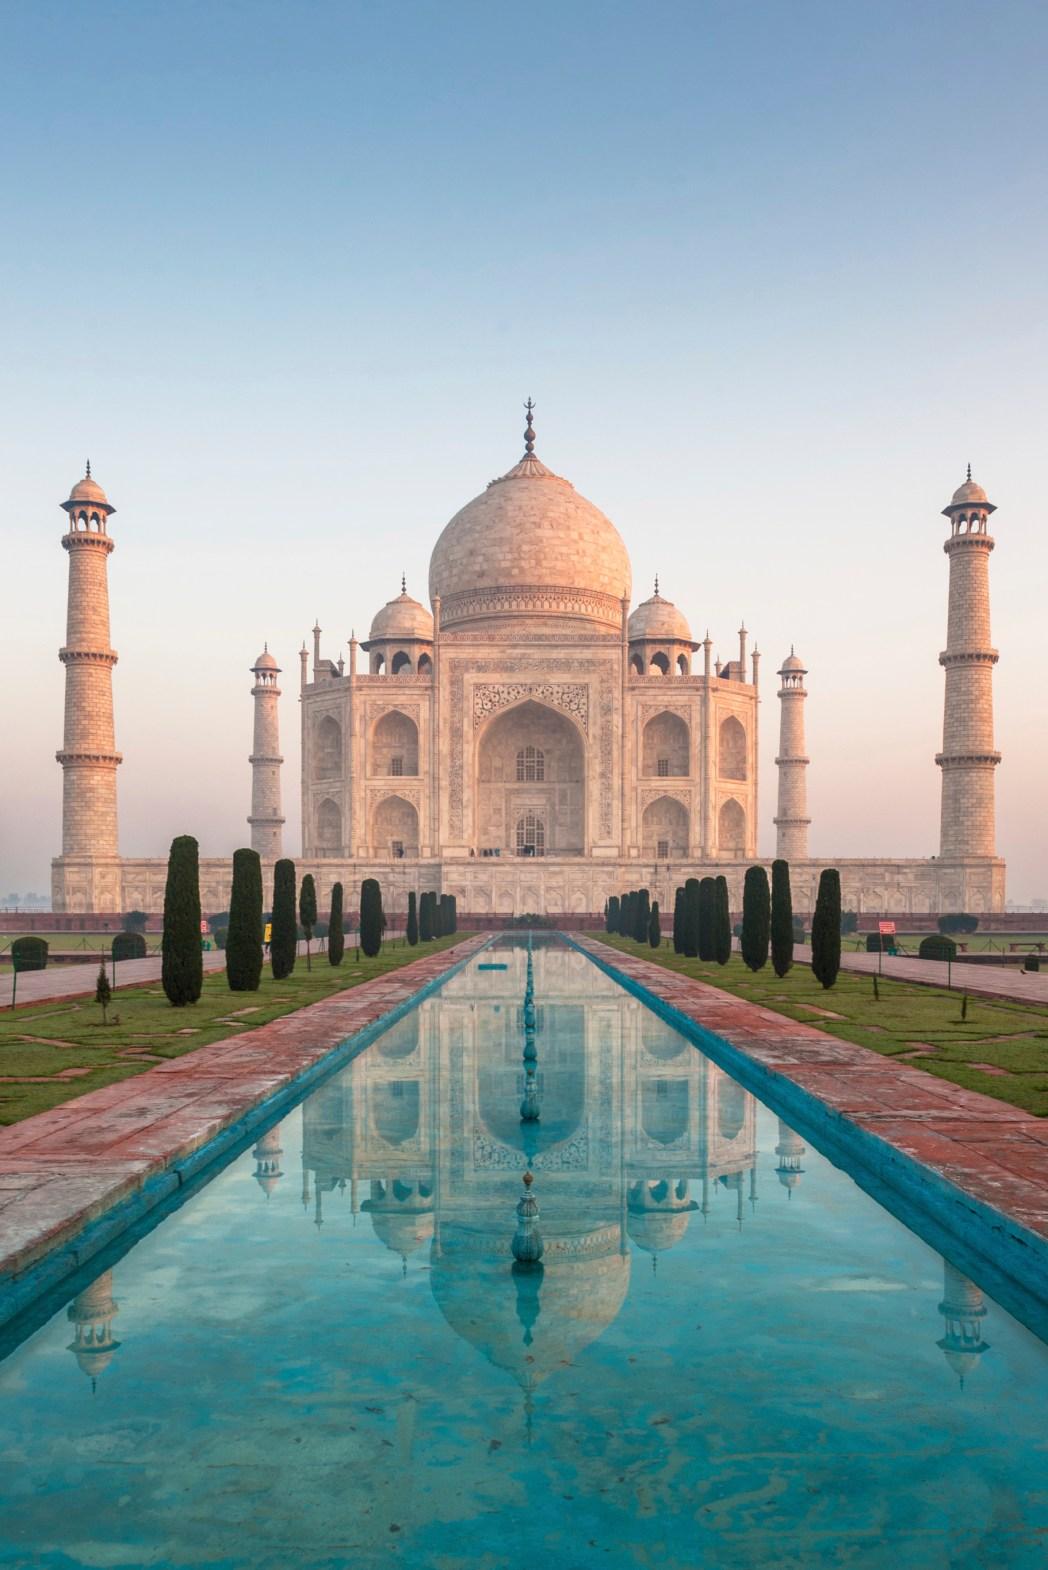 Το Ταζ Μαχάλ είναι απ' τα ωραιότερα αξιοθέατα της Ινδίας